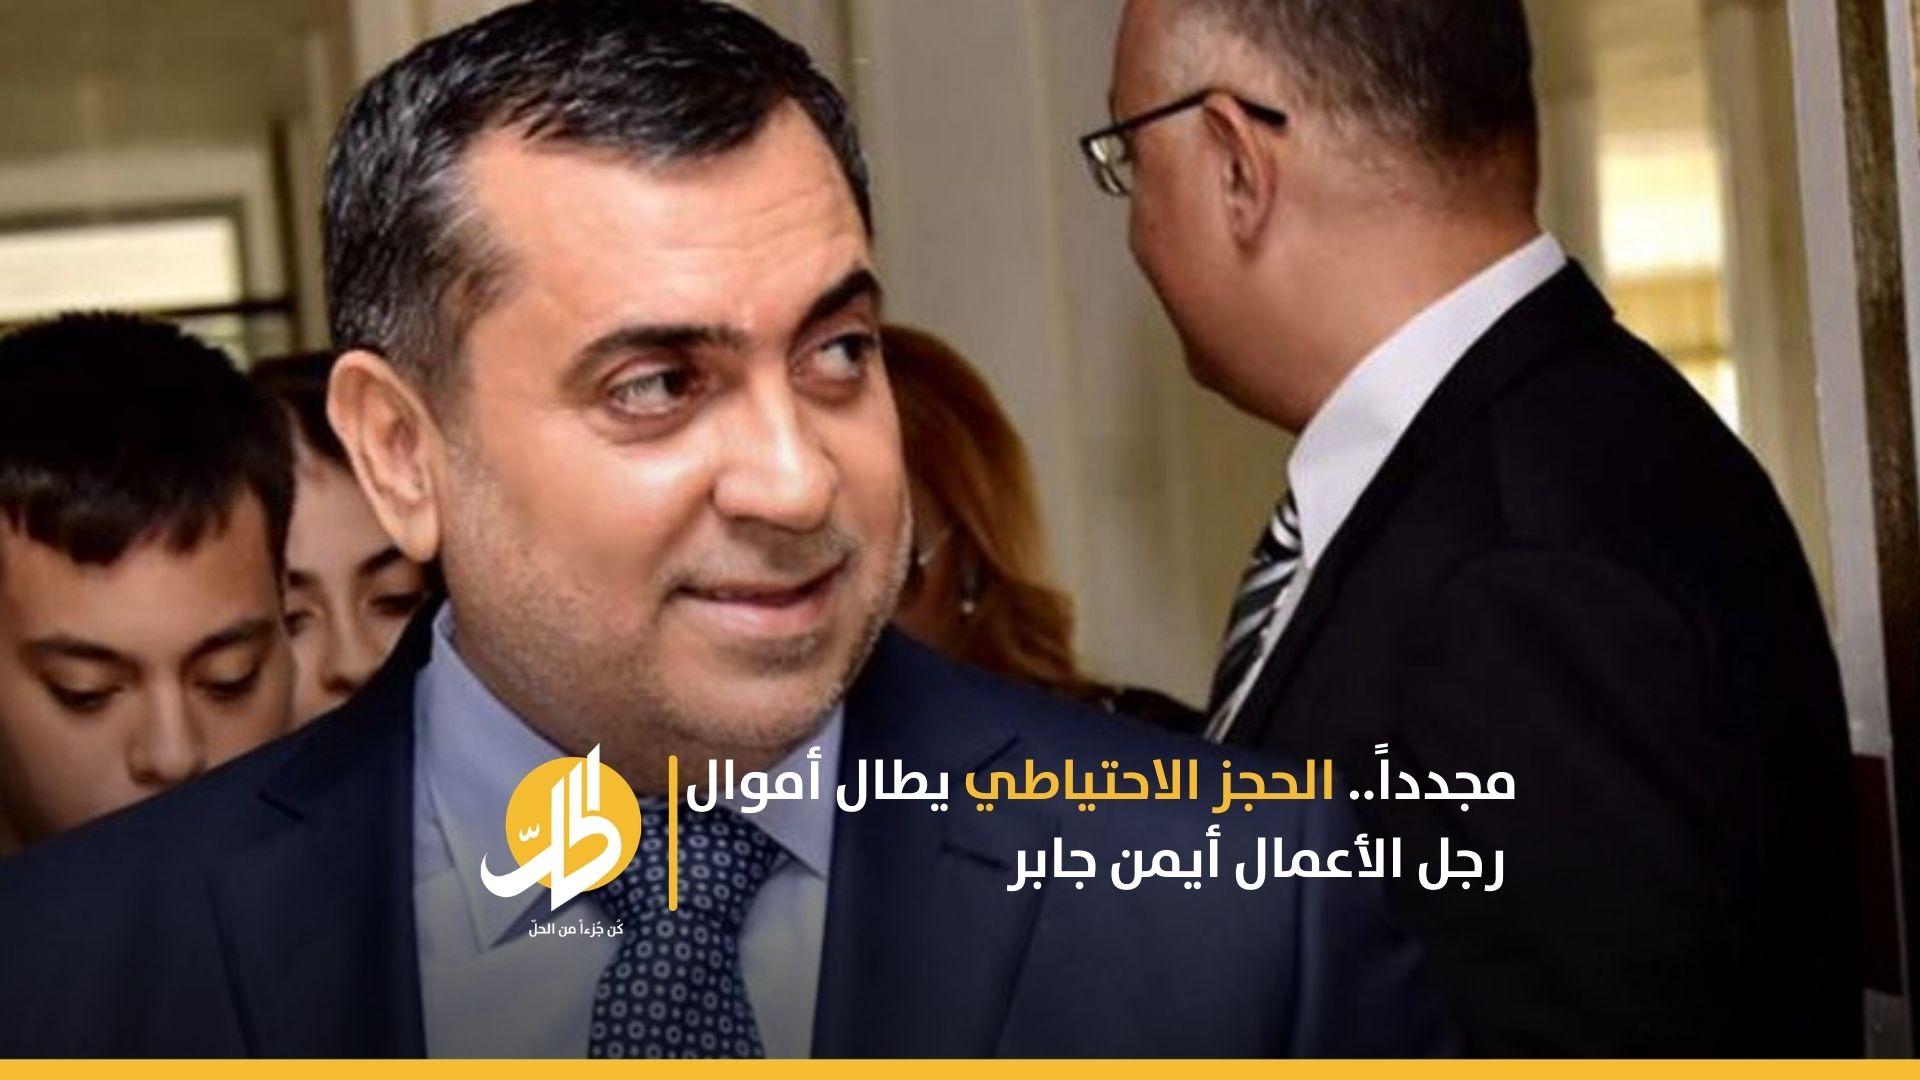 مجدداً.. الحجز الاحتياطي يطال أموال رجل الأعمال السوري أيمن جابر